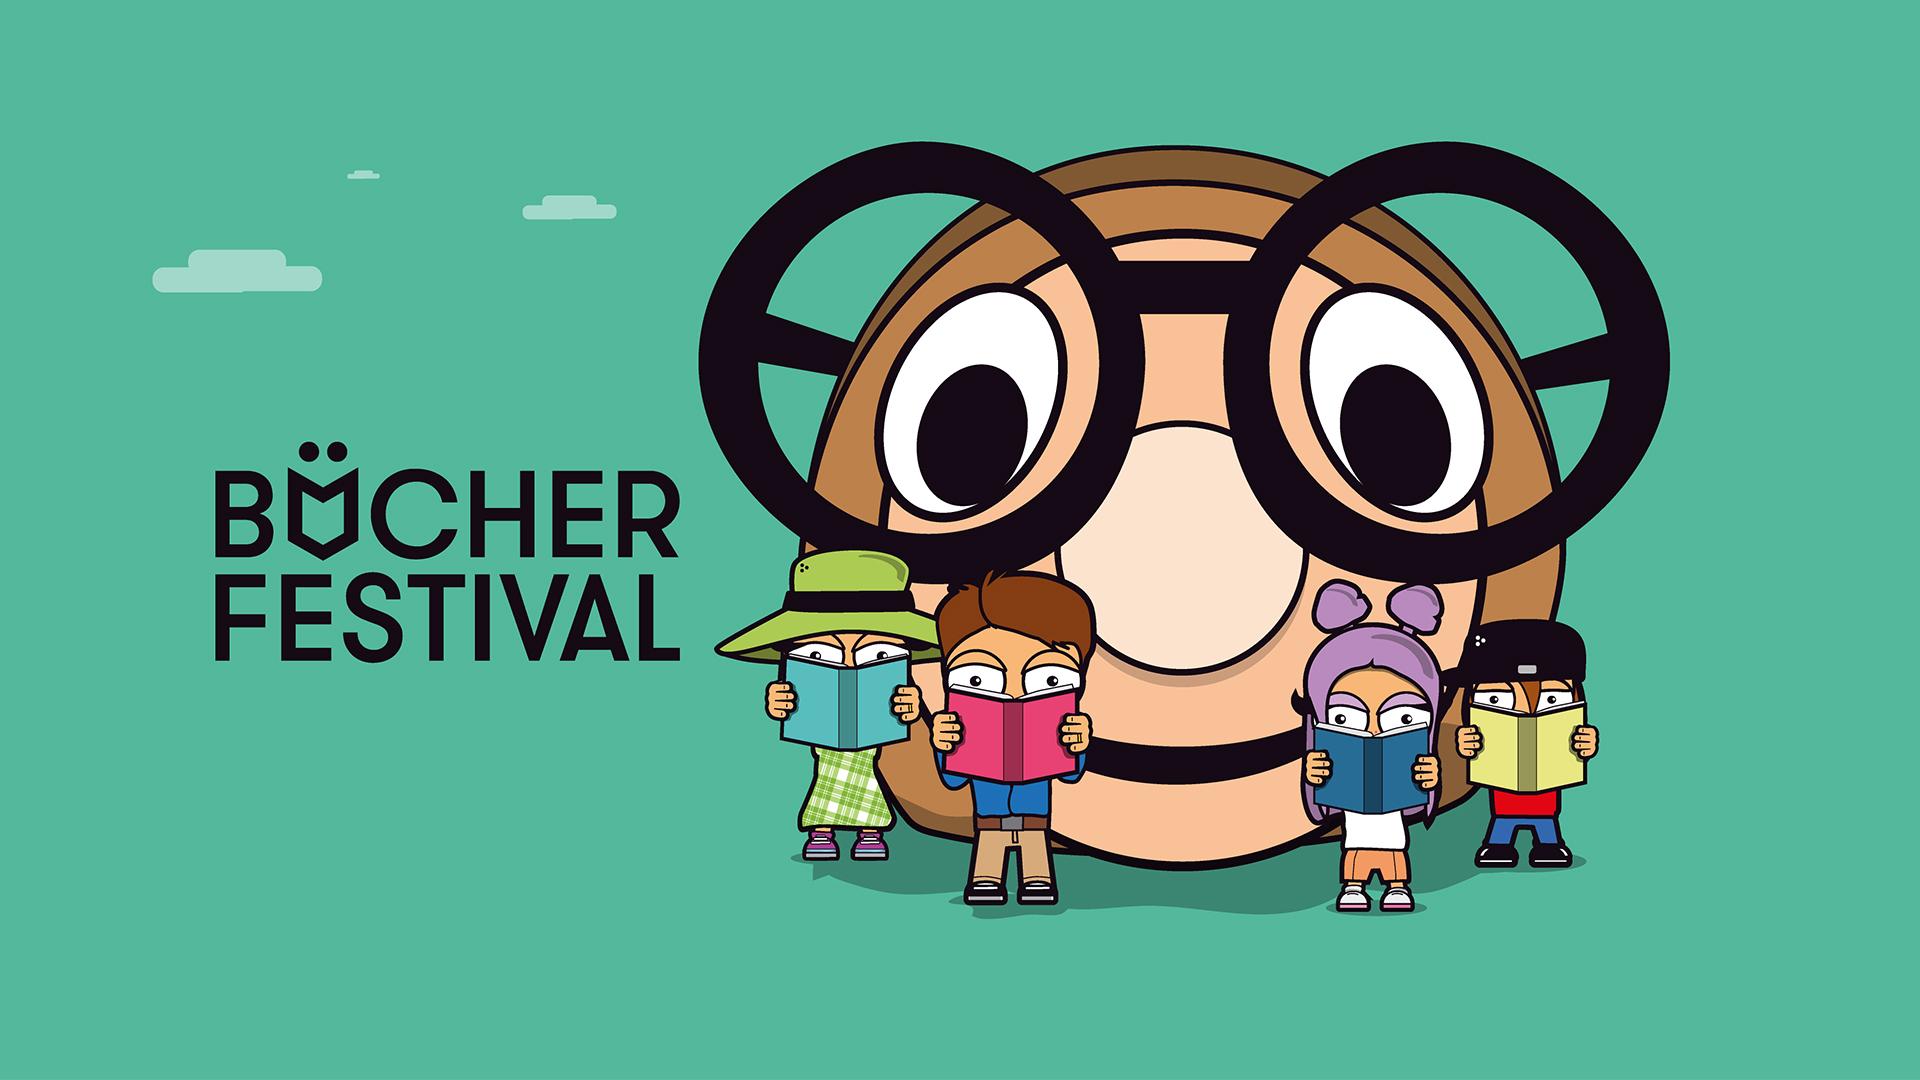 Glatt Bücherfestival